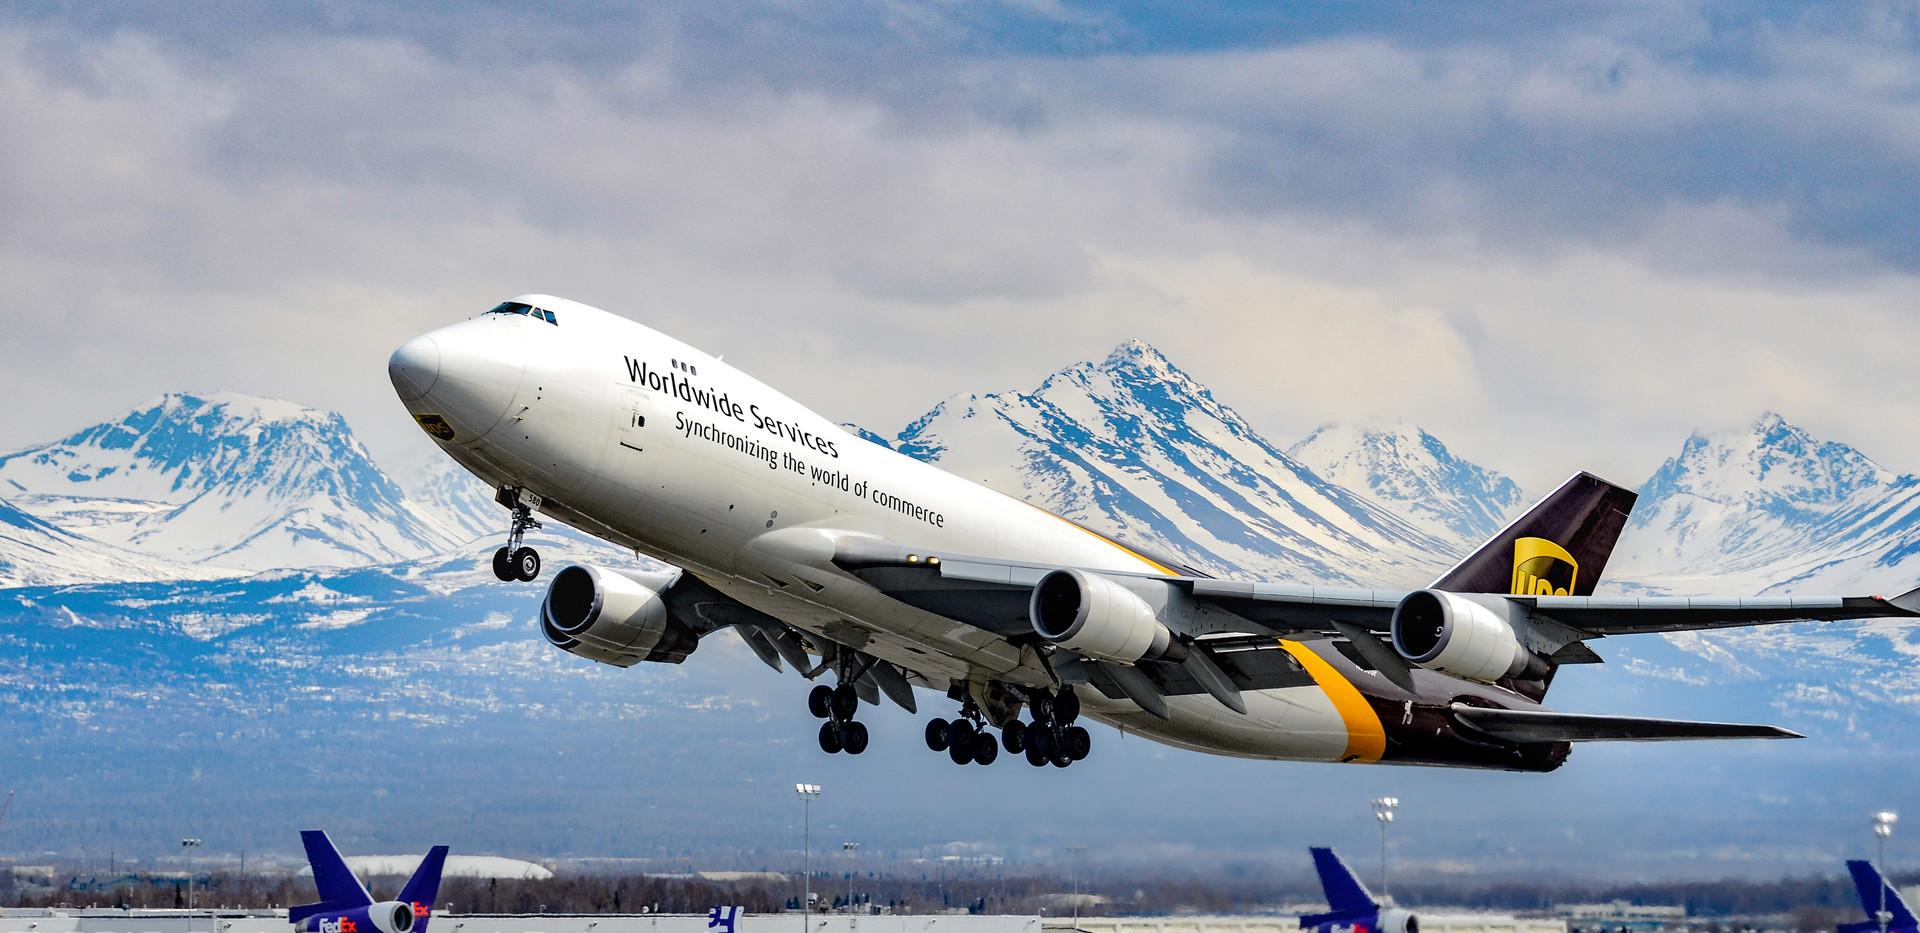 UPS Boeing 747-400F at PANC, 2012